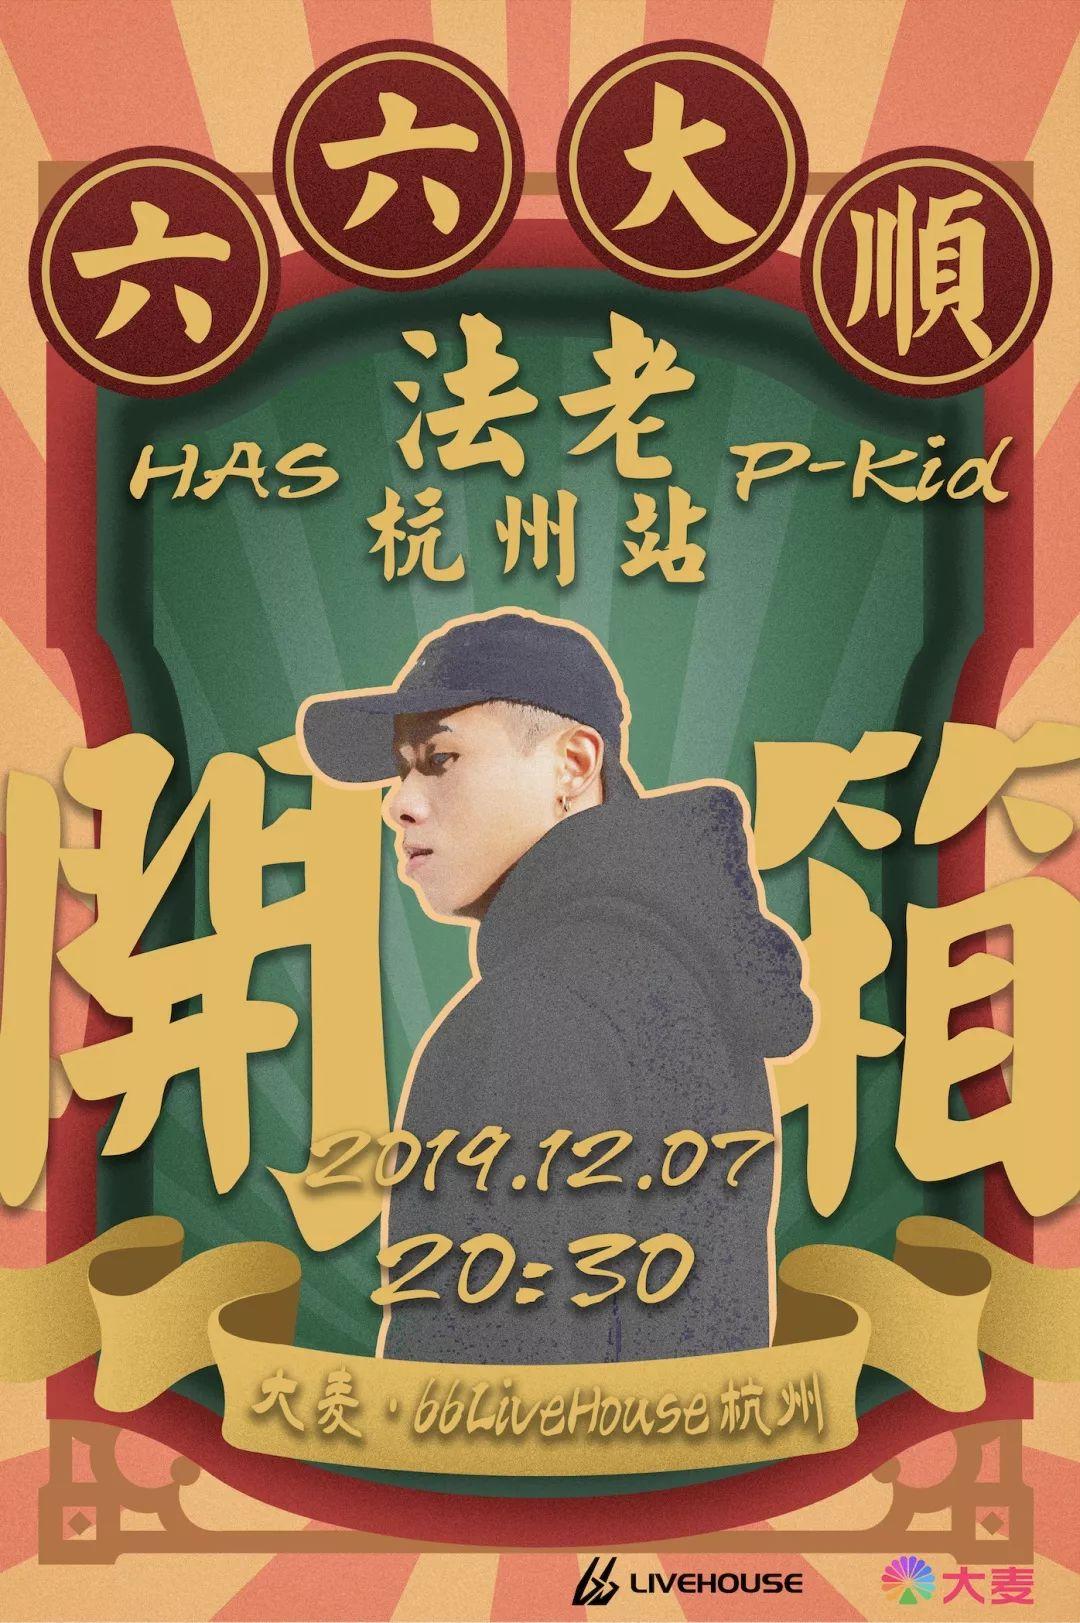 【12/07丨法老专场杭州站】开学!上学威龙报道!大麦・66LiveHou